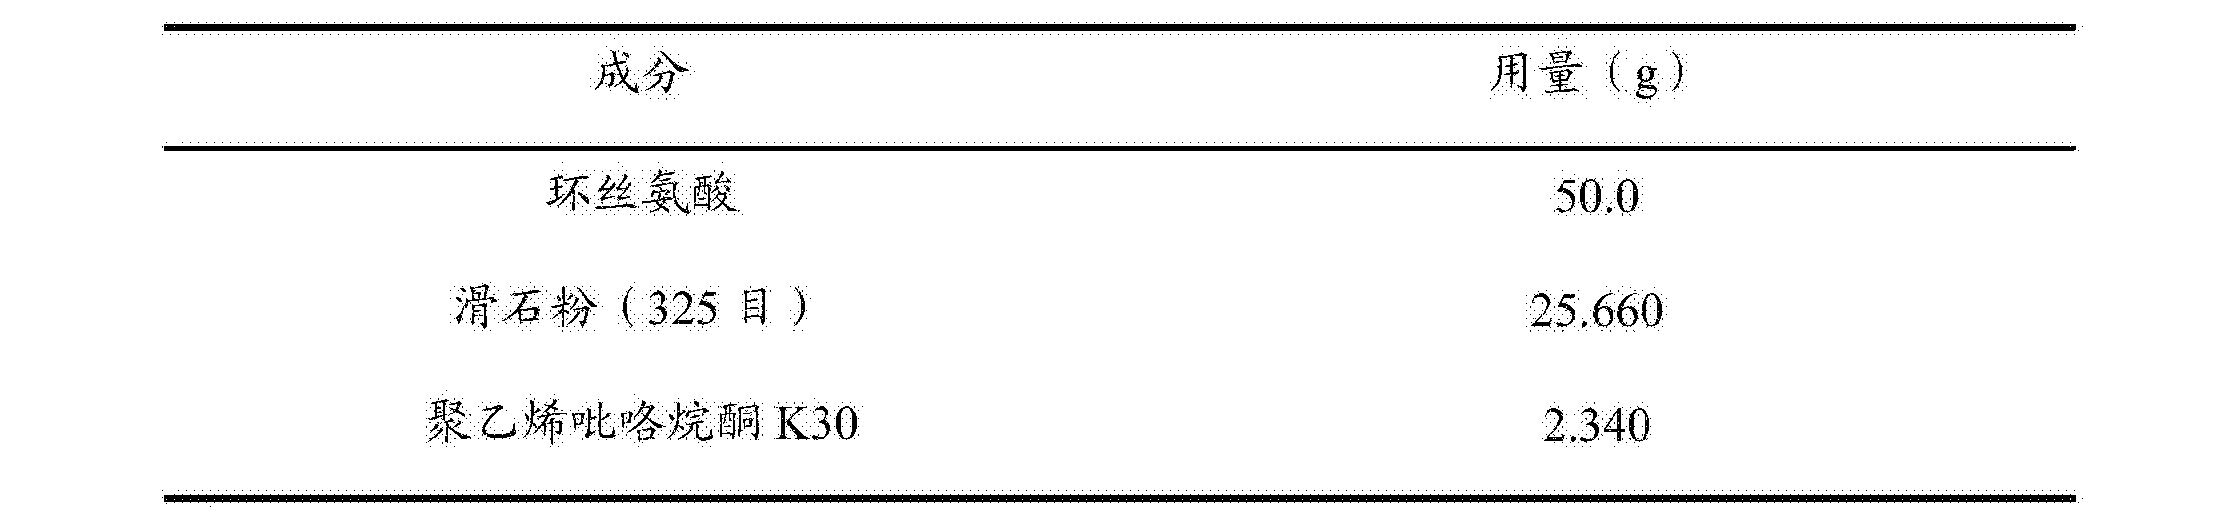 Figure CN105476976BD00241